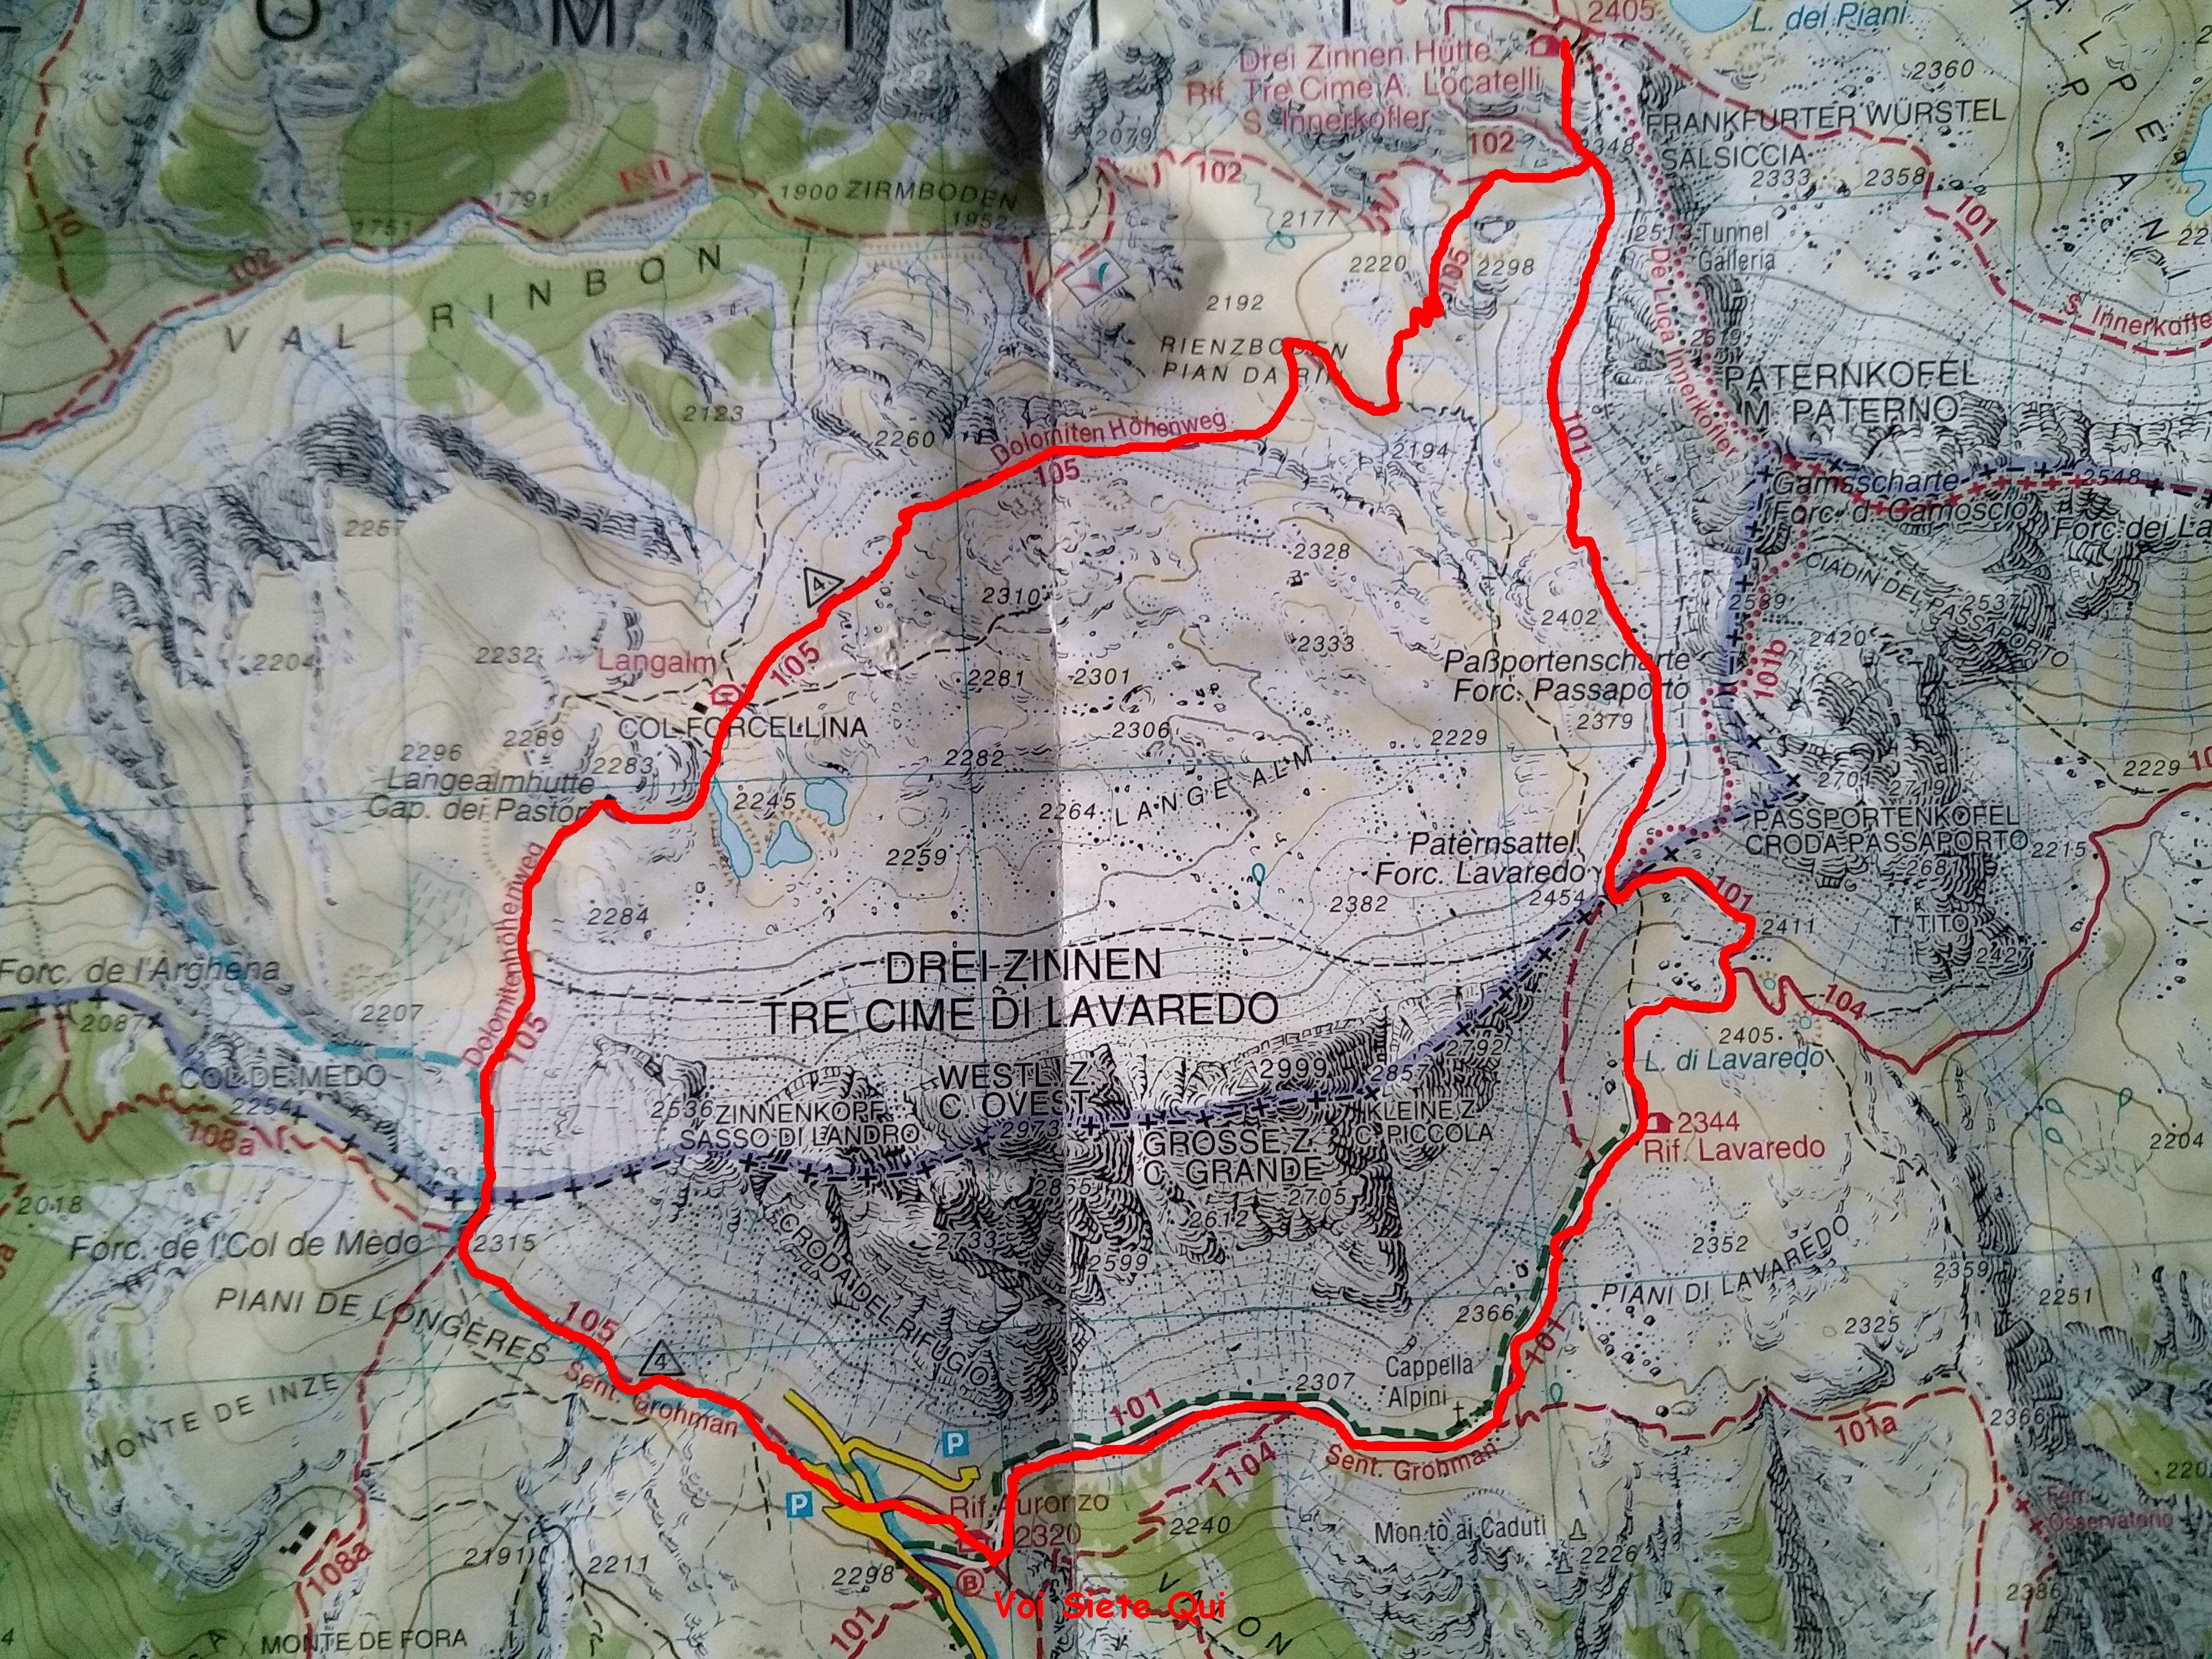 Cartina 3 Cime Di Lavaredo.Anello Tre Cime Di Lavaredo Invernale Eea Itinerari Trekking